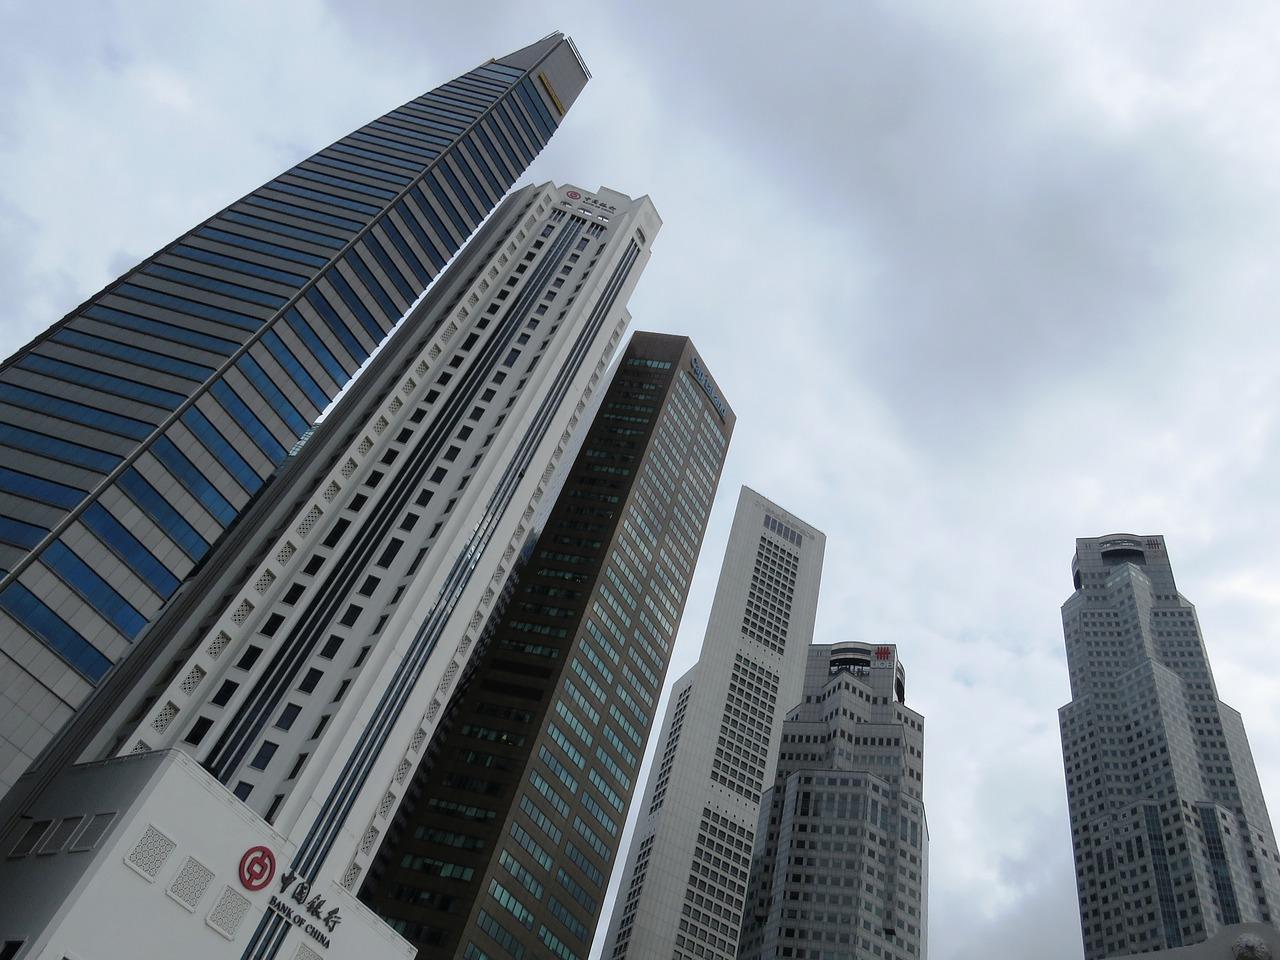 シンガポール会社設立に必要な「会社秘書役」とは? その意味と役割をご説明